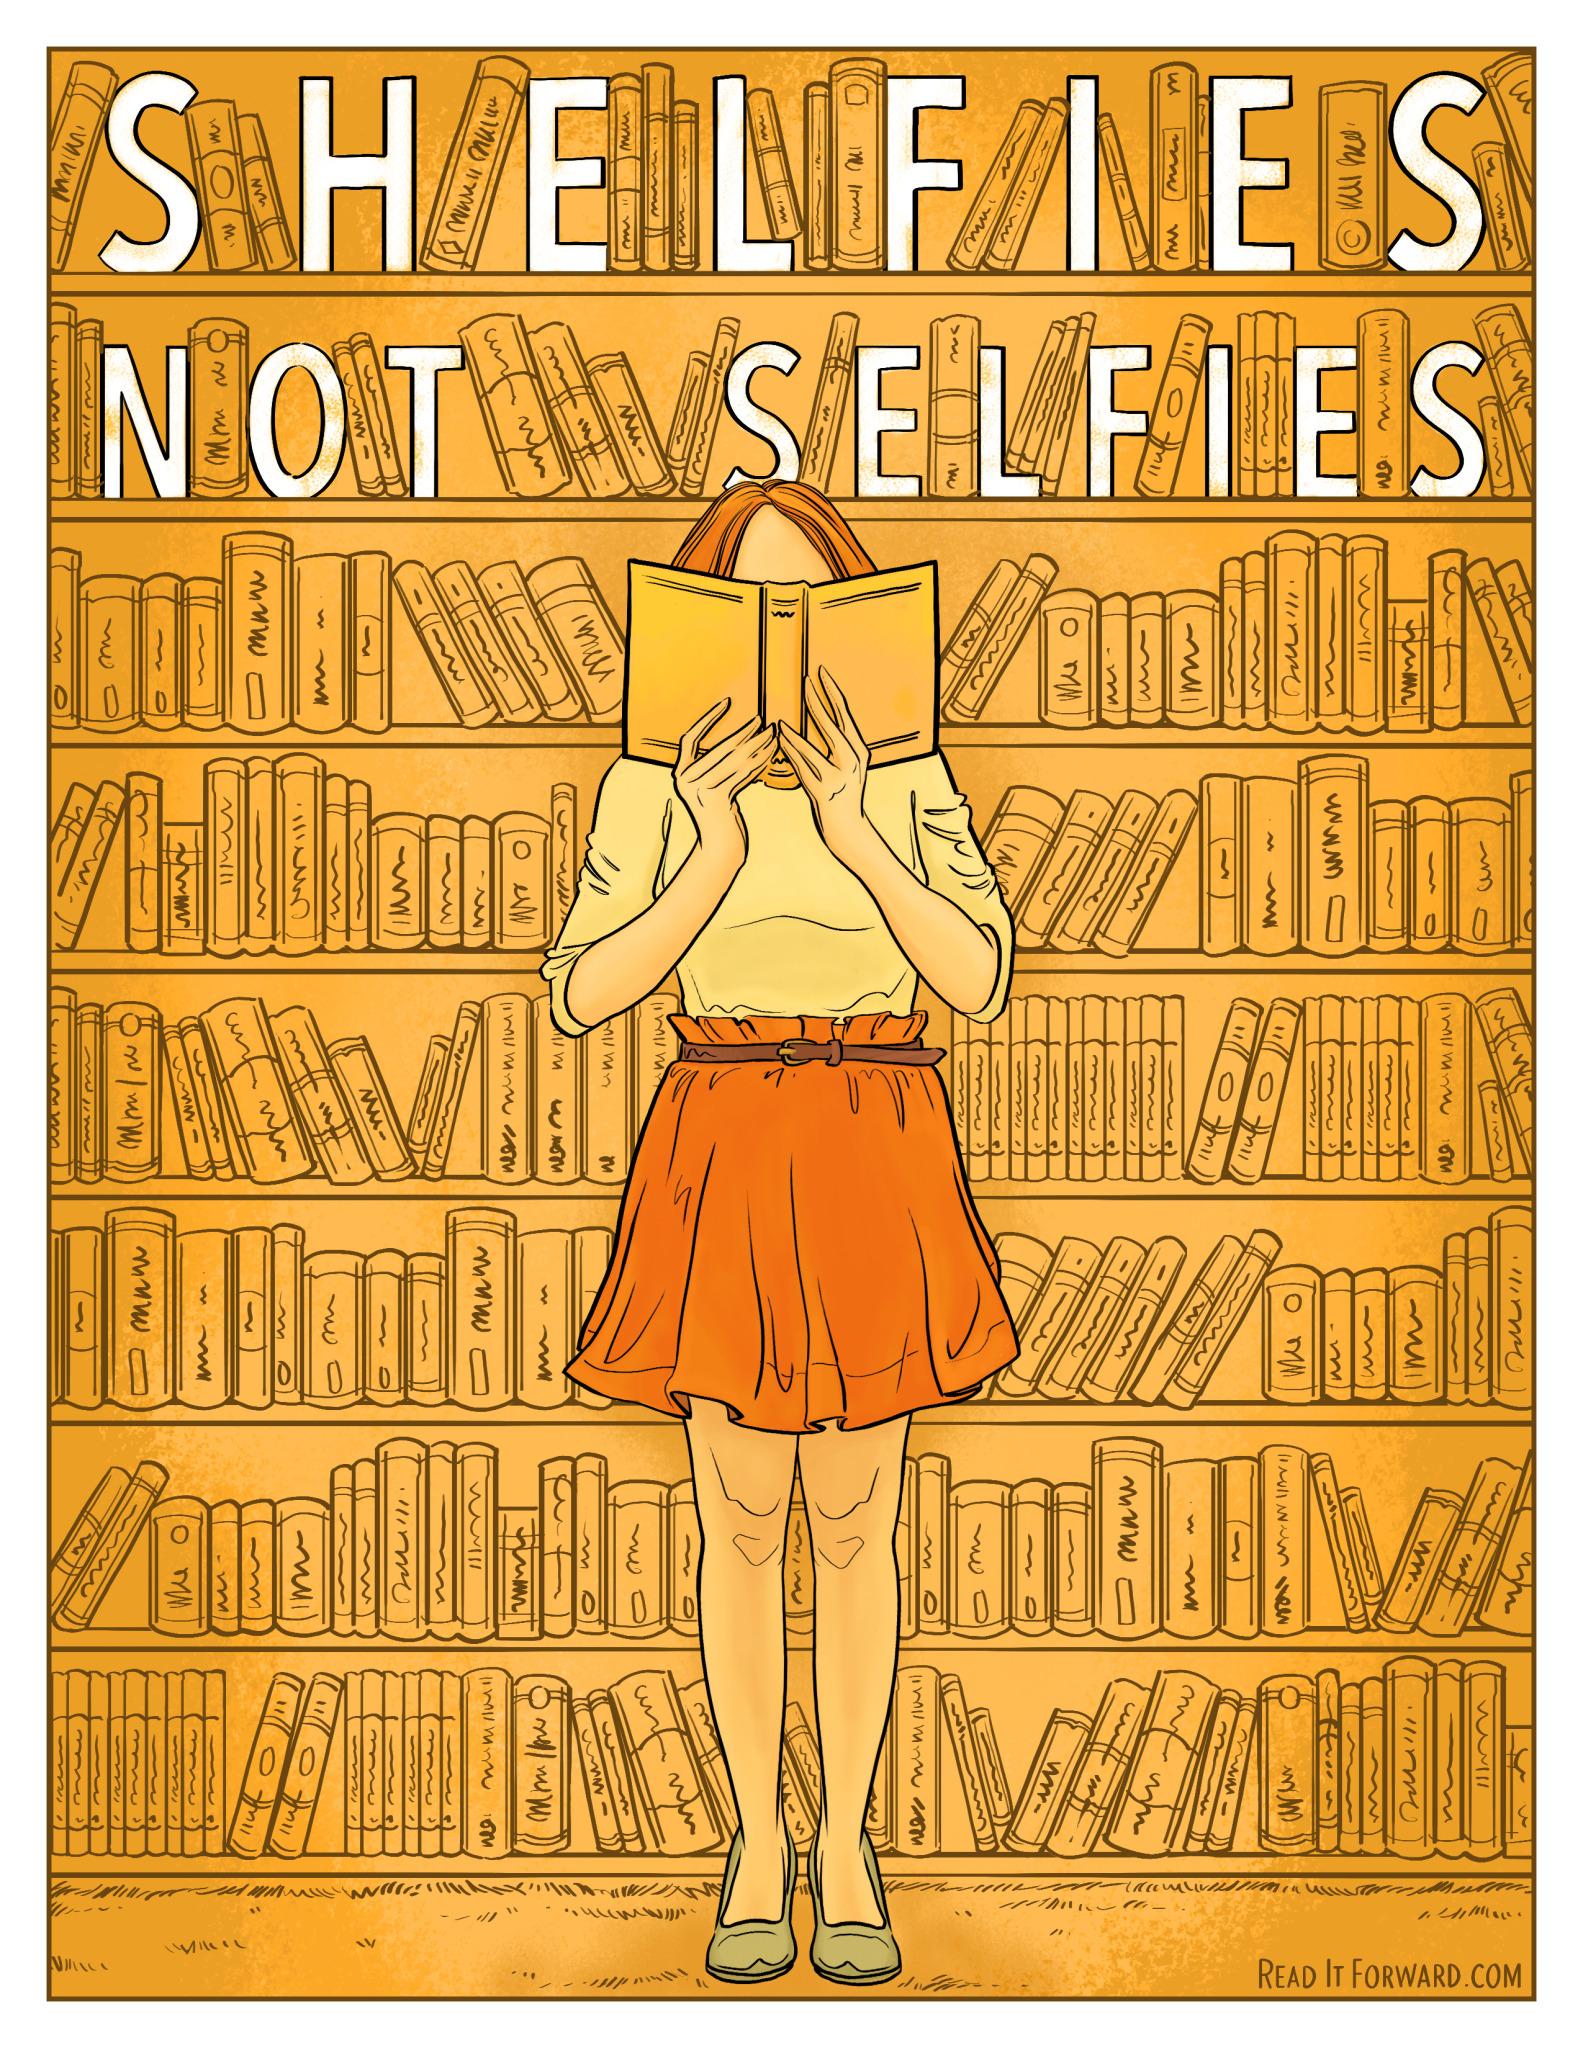 shelfies not selfies